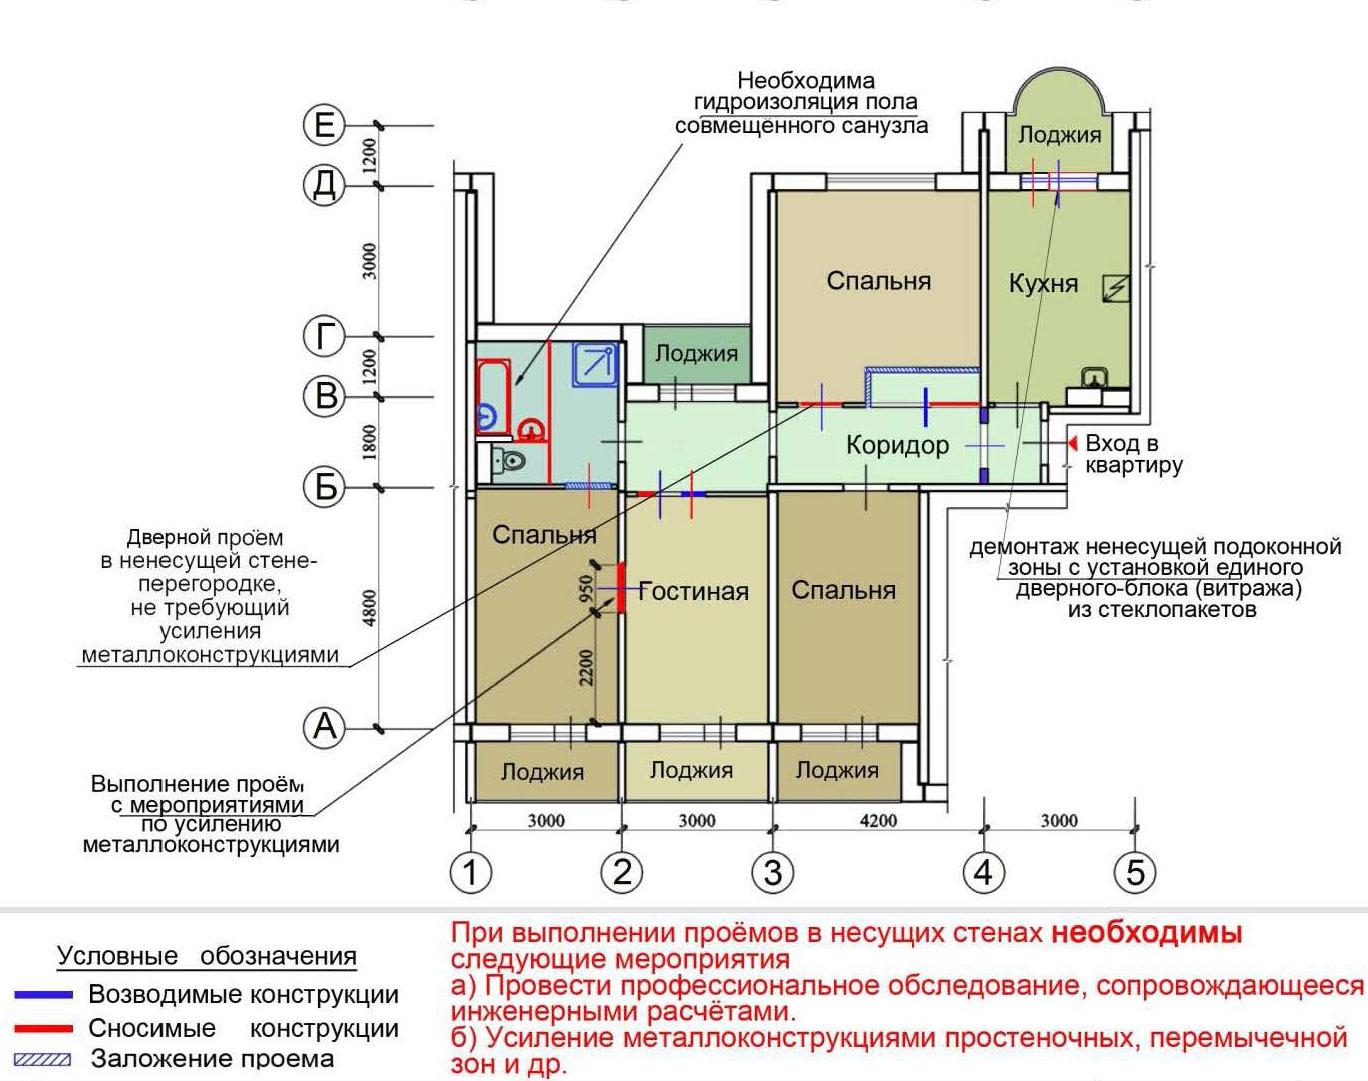 Серия дома п-55 - перепланировка квартир п-55, планировка с .